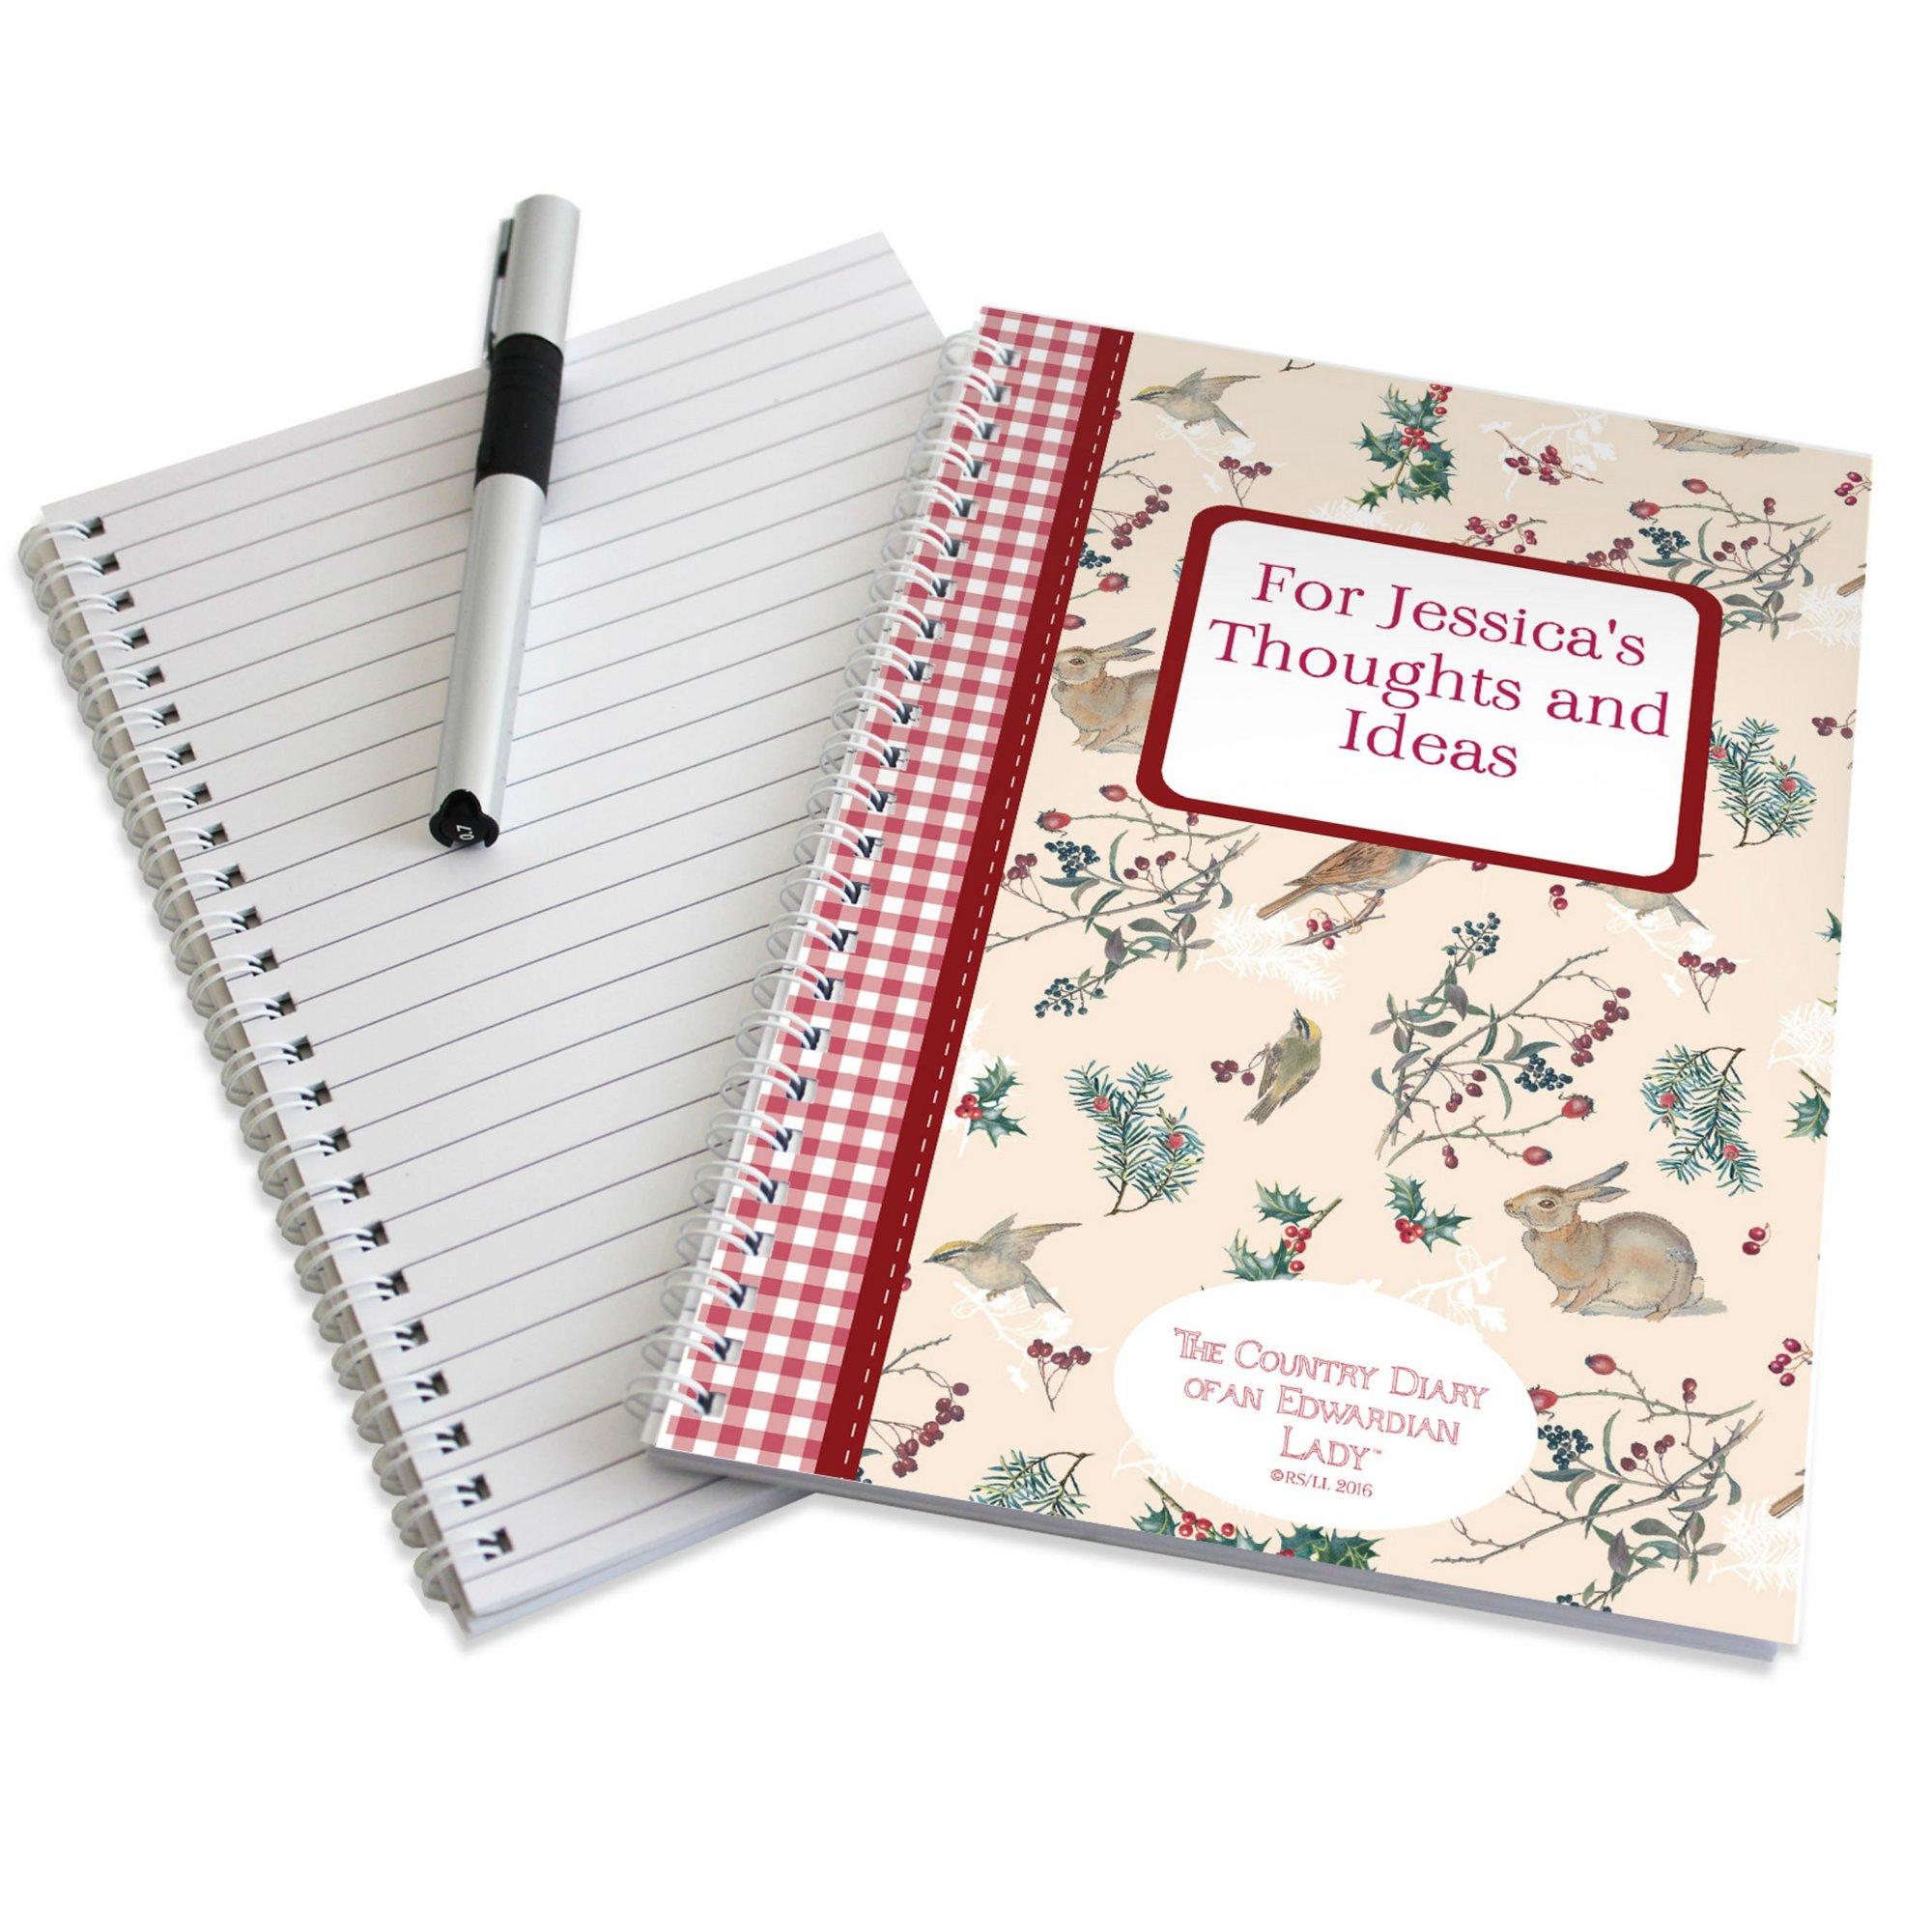 Image of Personalised Edwardian Lady Christmas Notebook